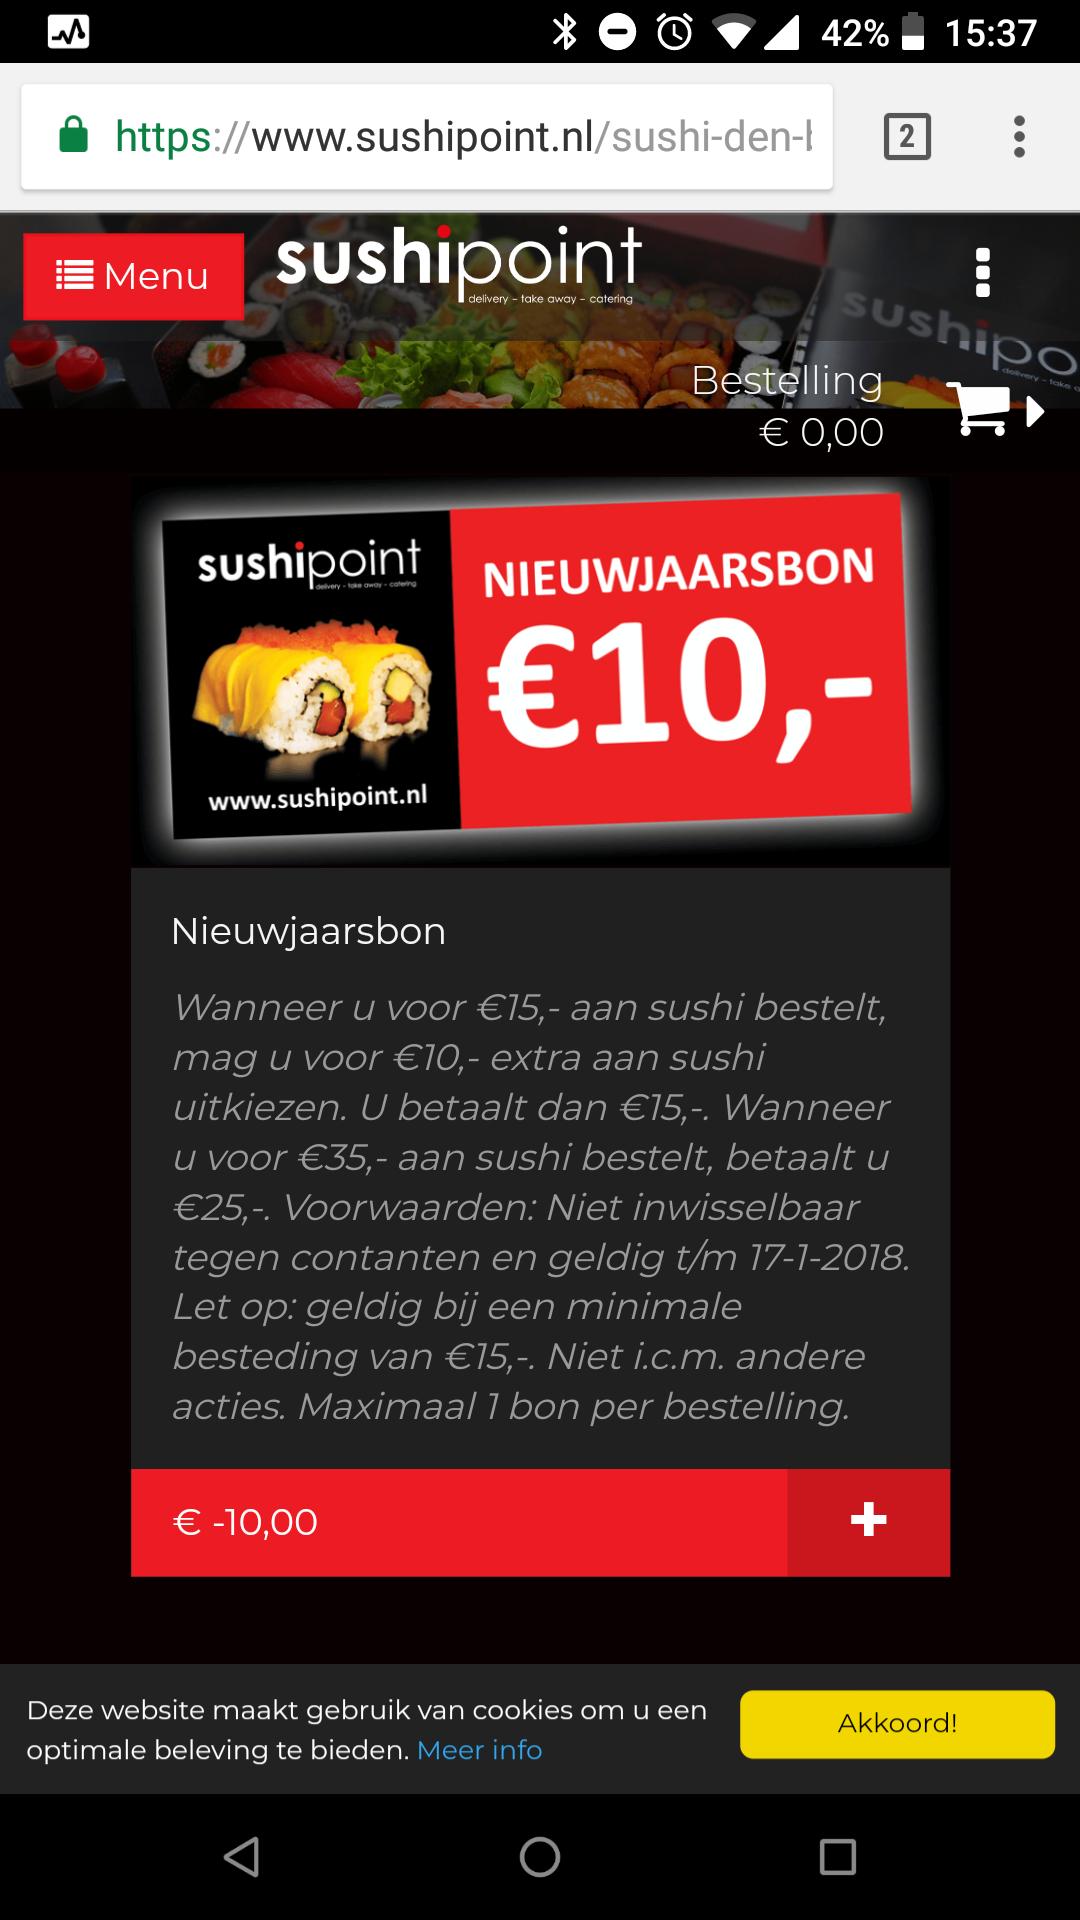 Sushipoint - 10 euro korting